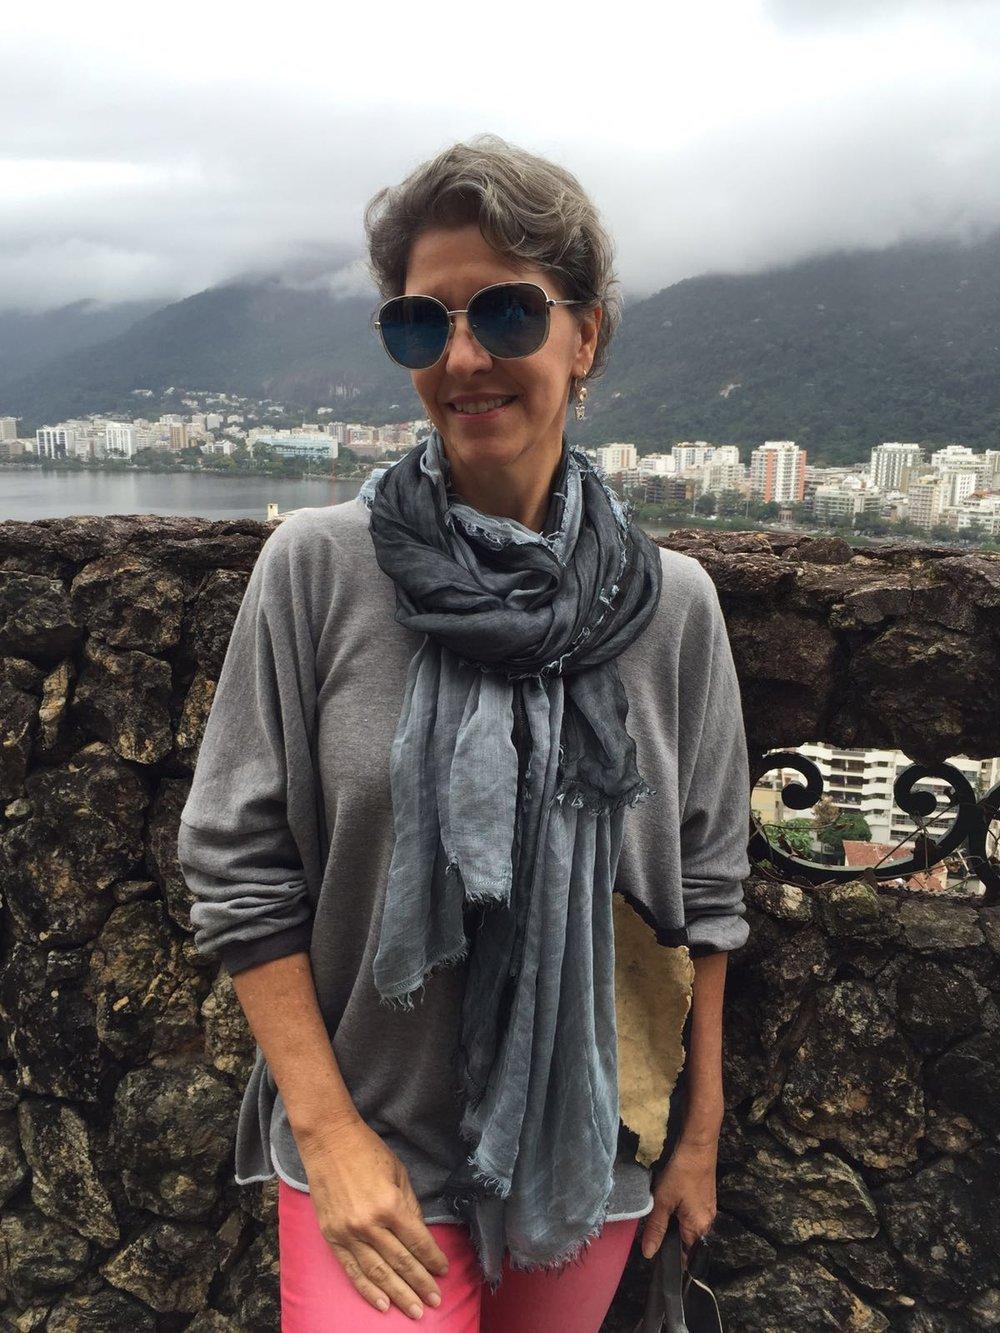 Sylvia in Rio